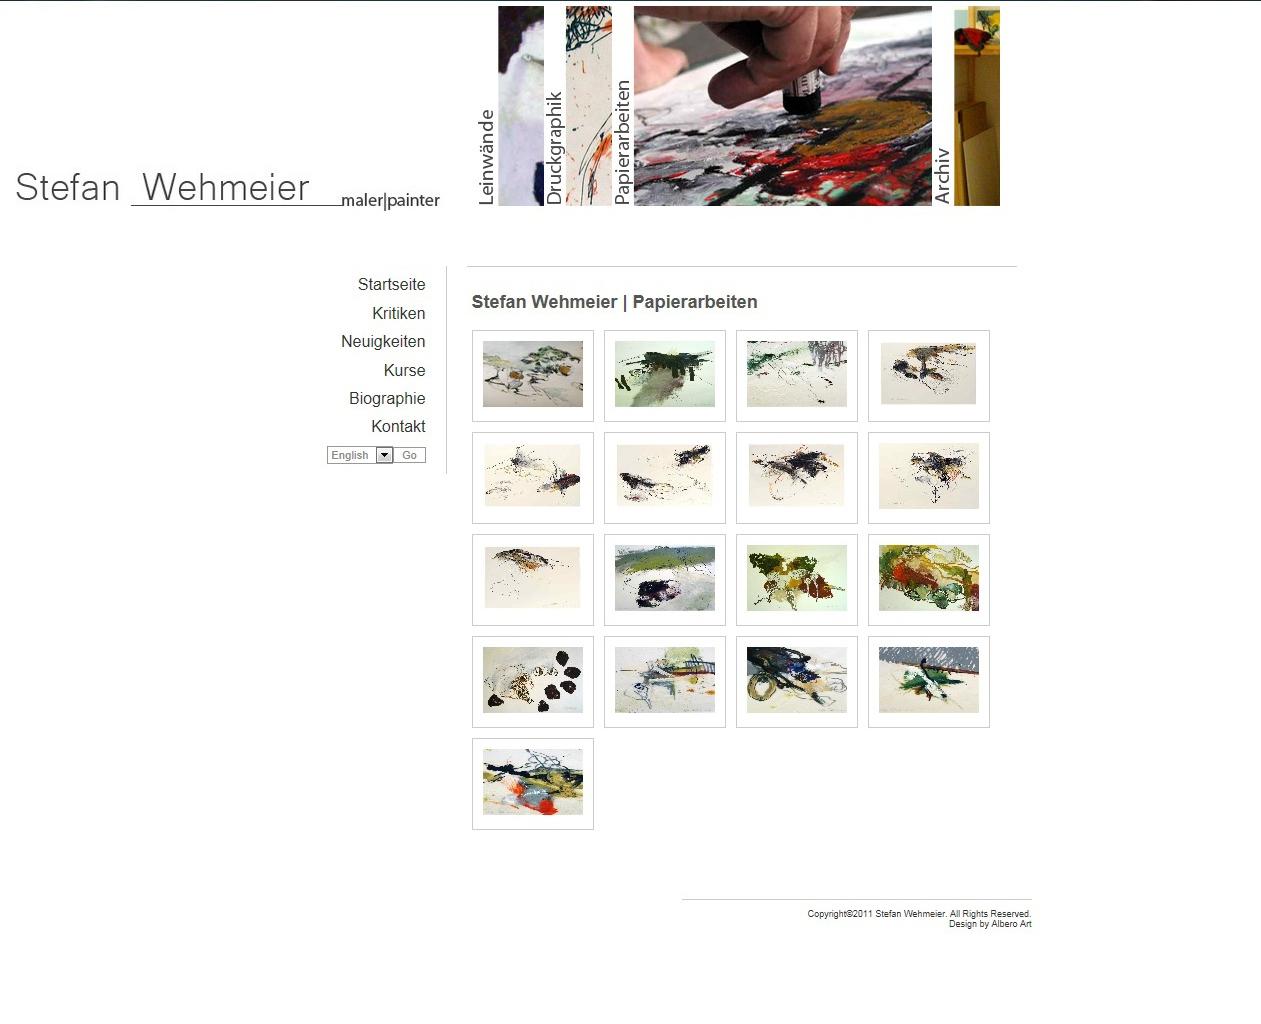 Web Dizajn za Stafan Wehmeier